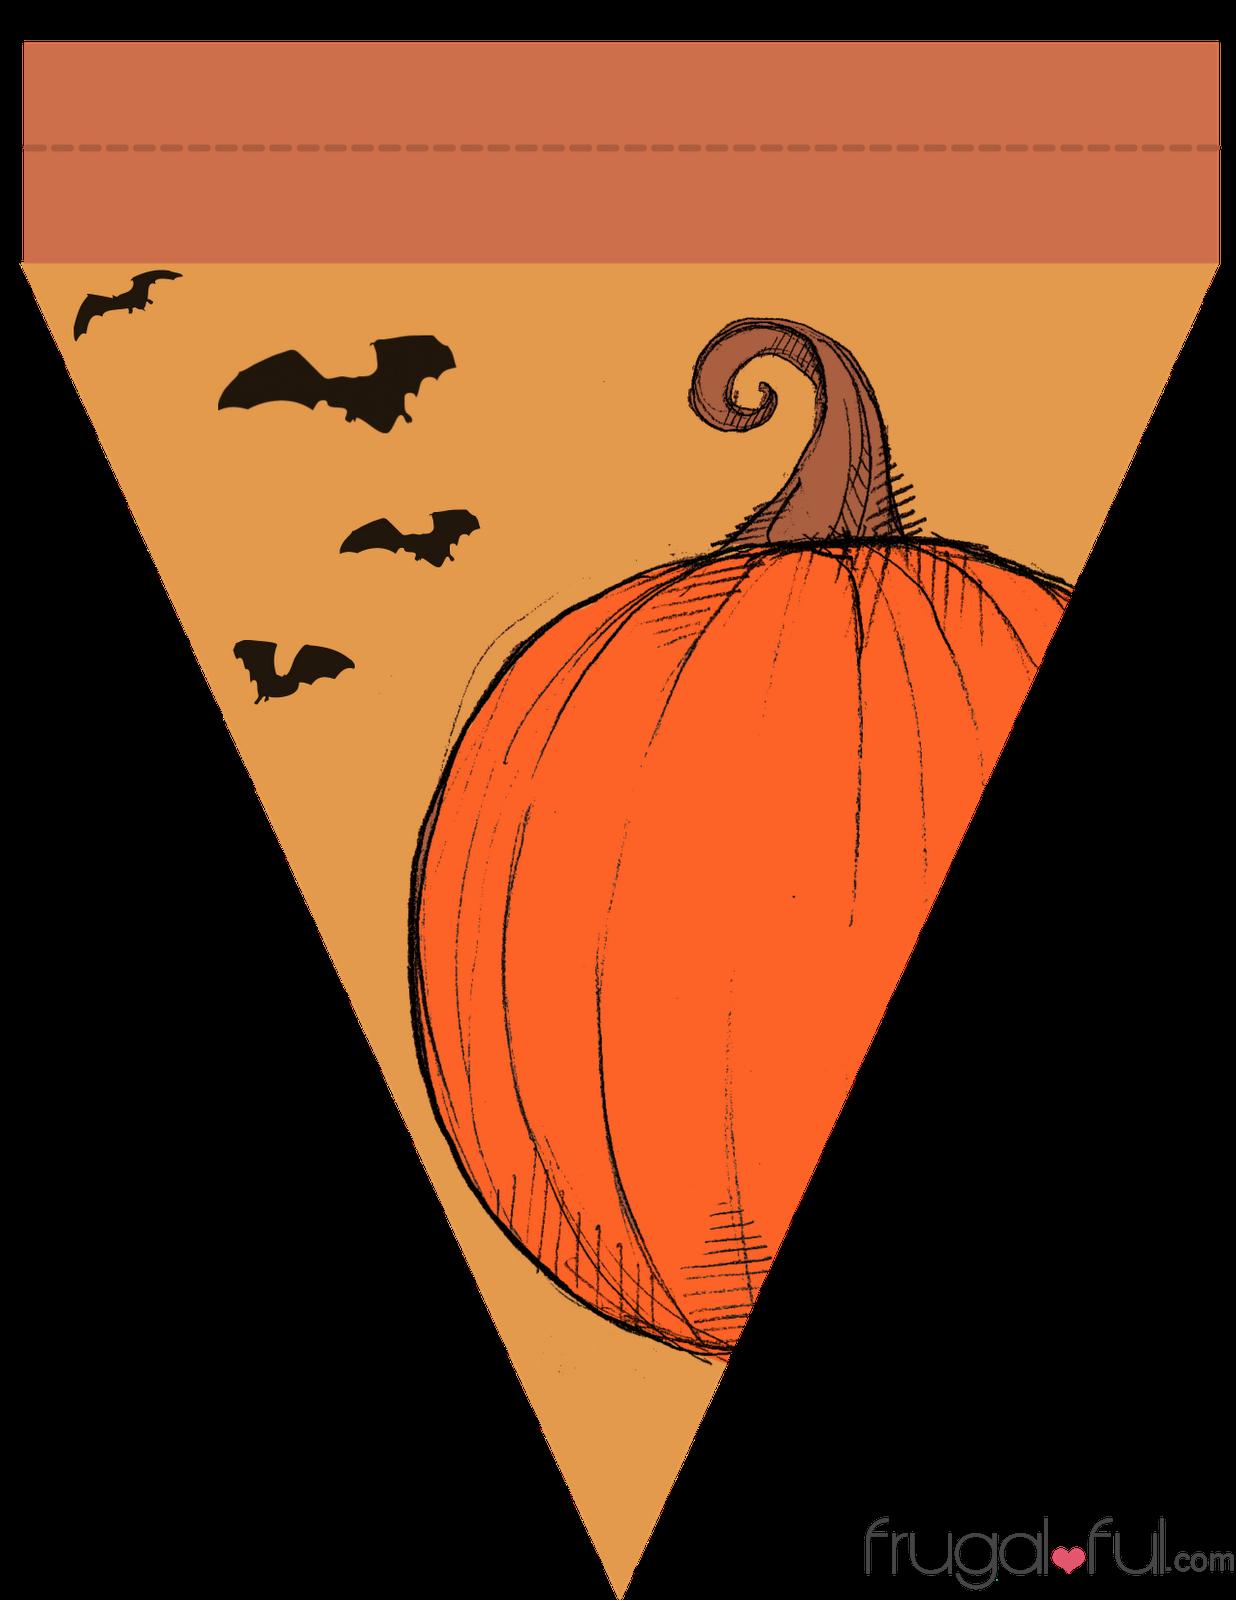 Triangular festival banner